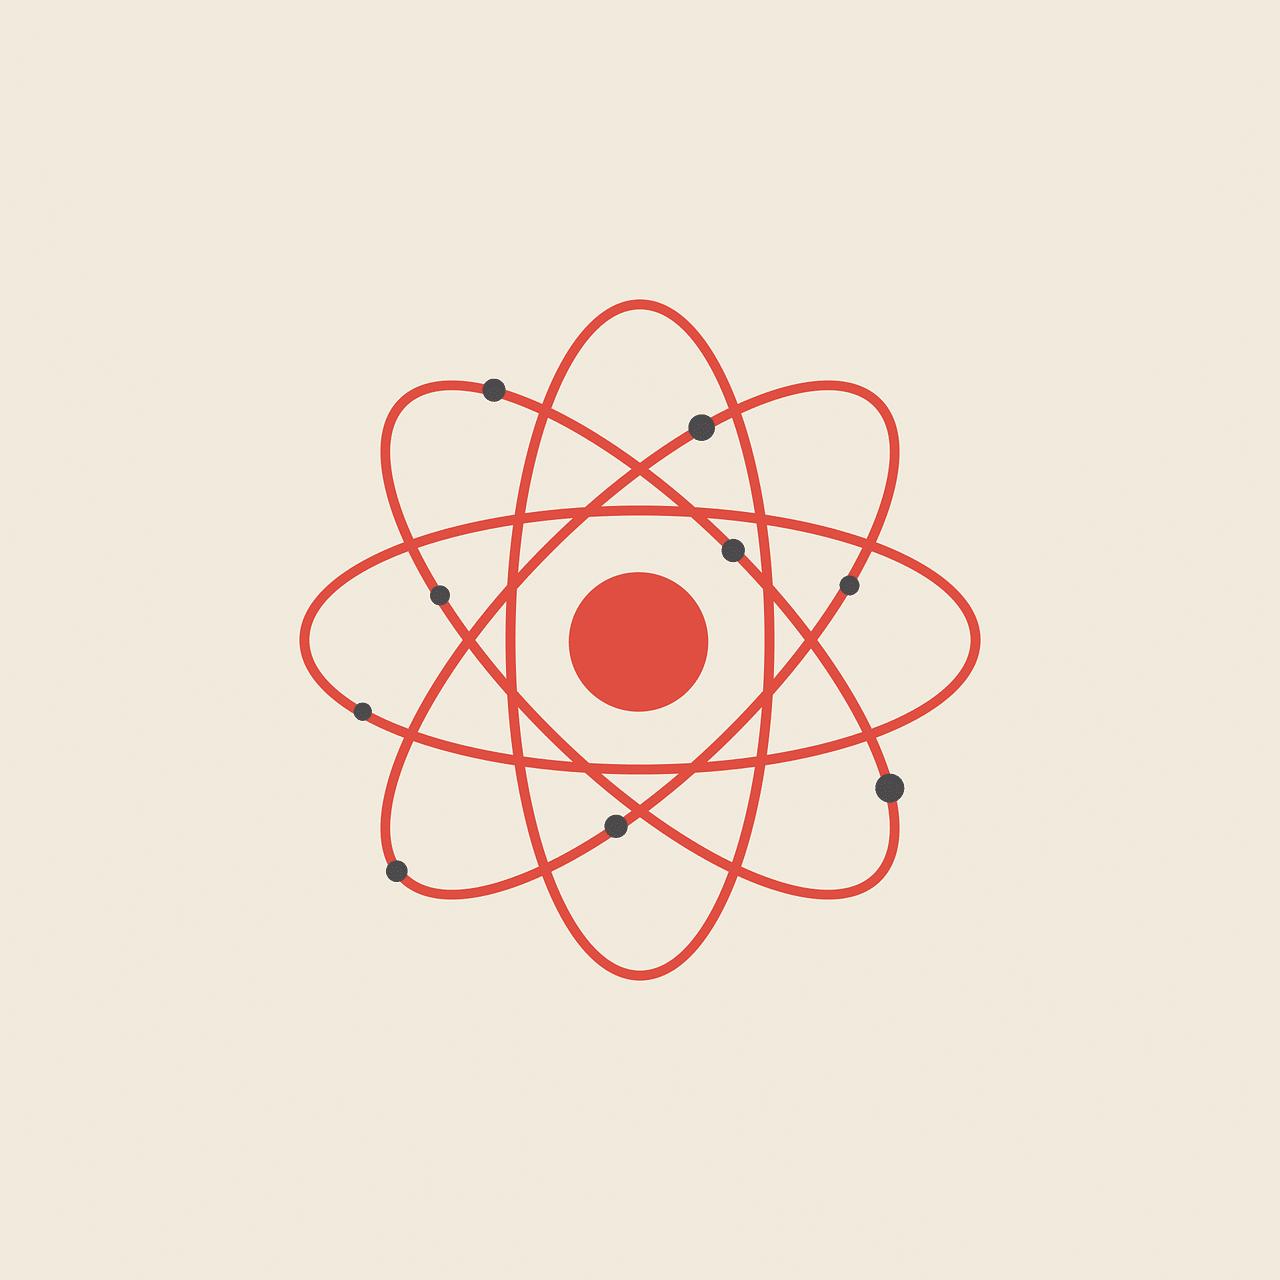 Modelos atômicos: tudo o que você precisa saber!